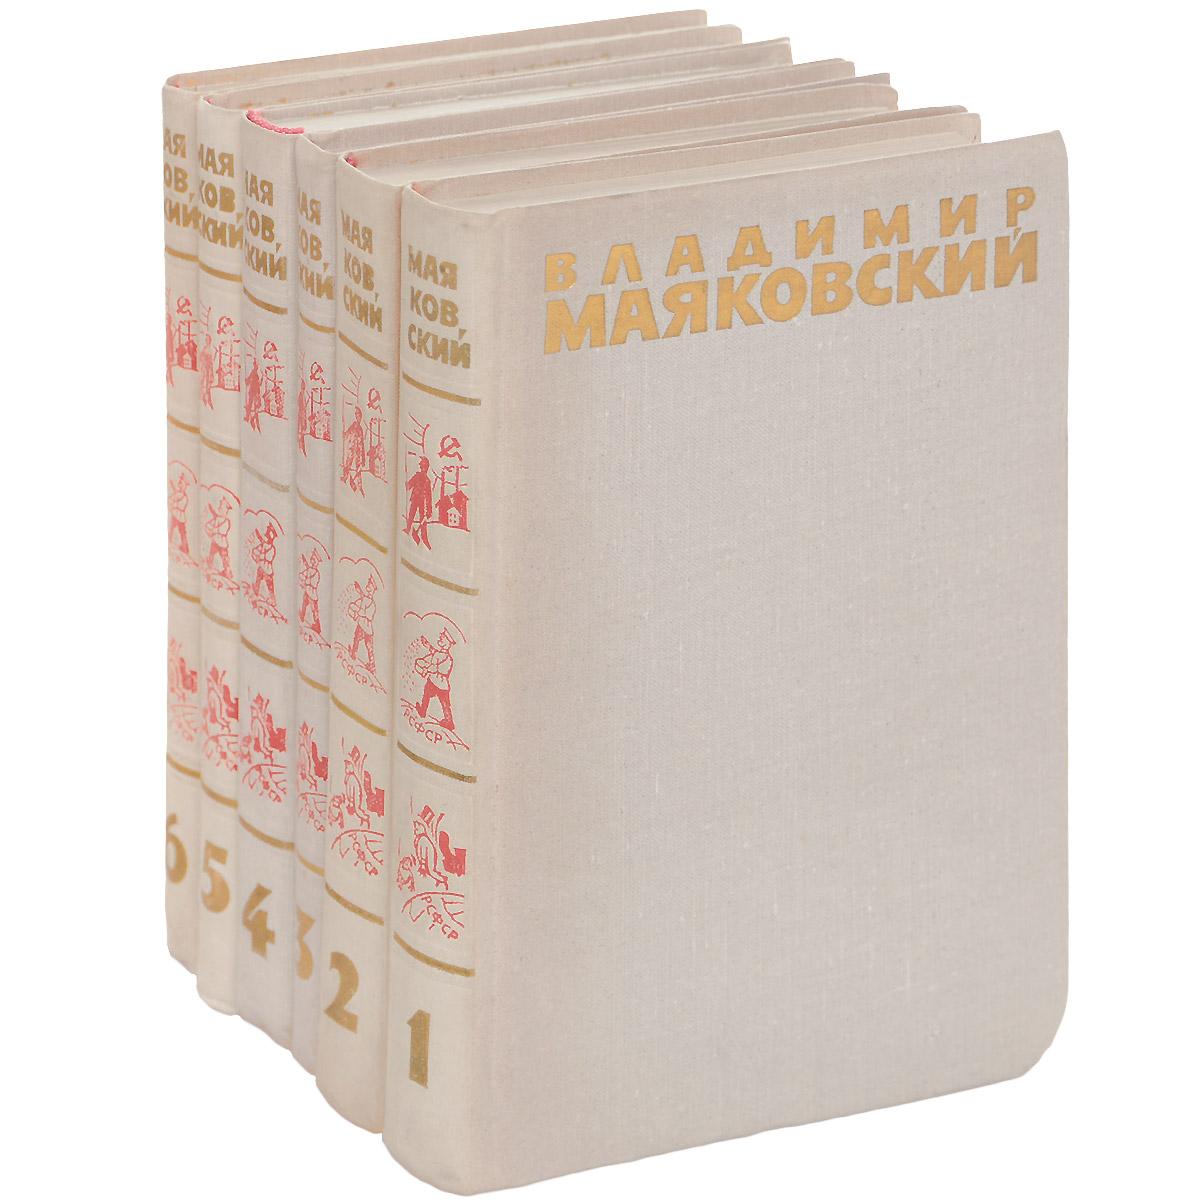 Владимир Маяковский. Собрание сочинений в 6 томах (комплект из 6 книг)